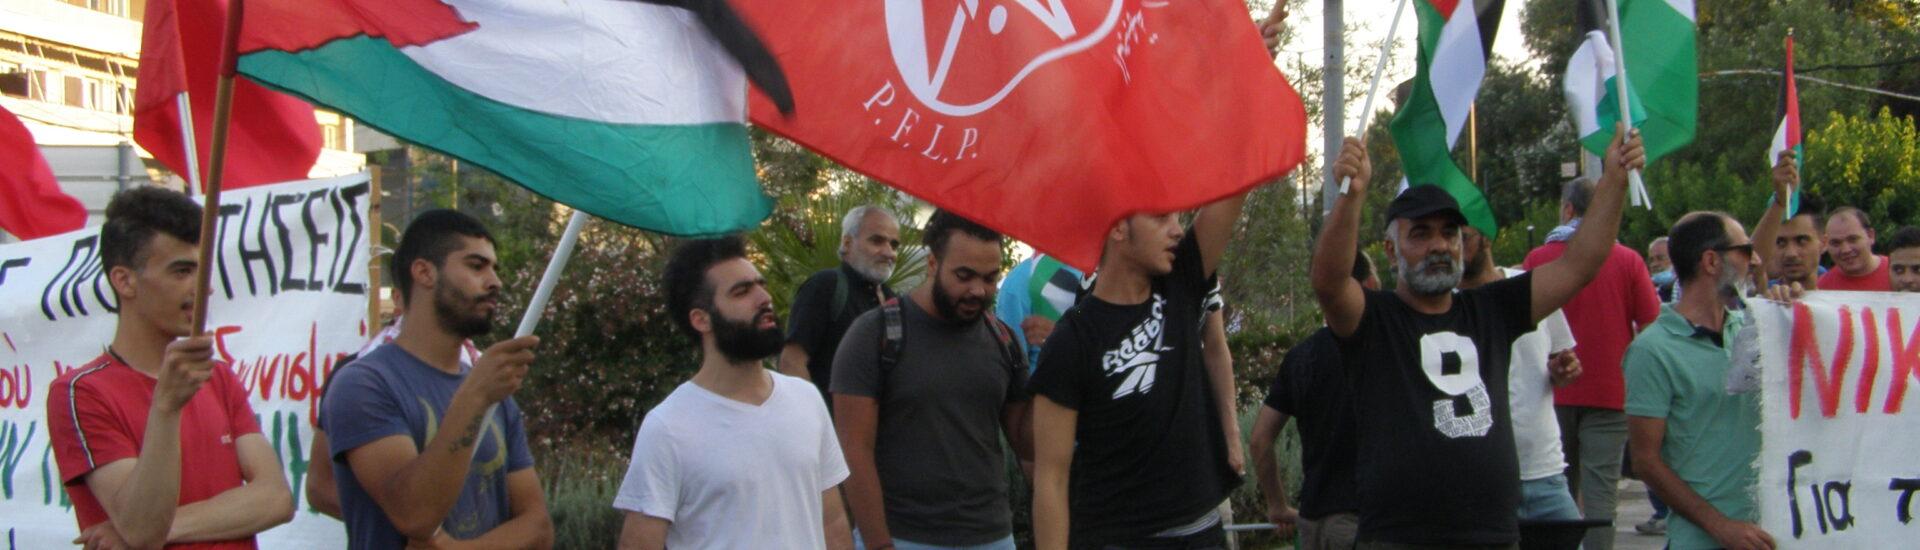 Διαδηλώσεις κατά της προσάρτησης των εδαφών της Παλαιστίνης